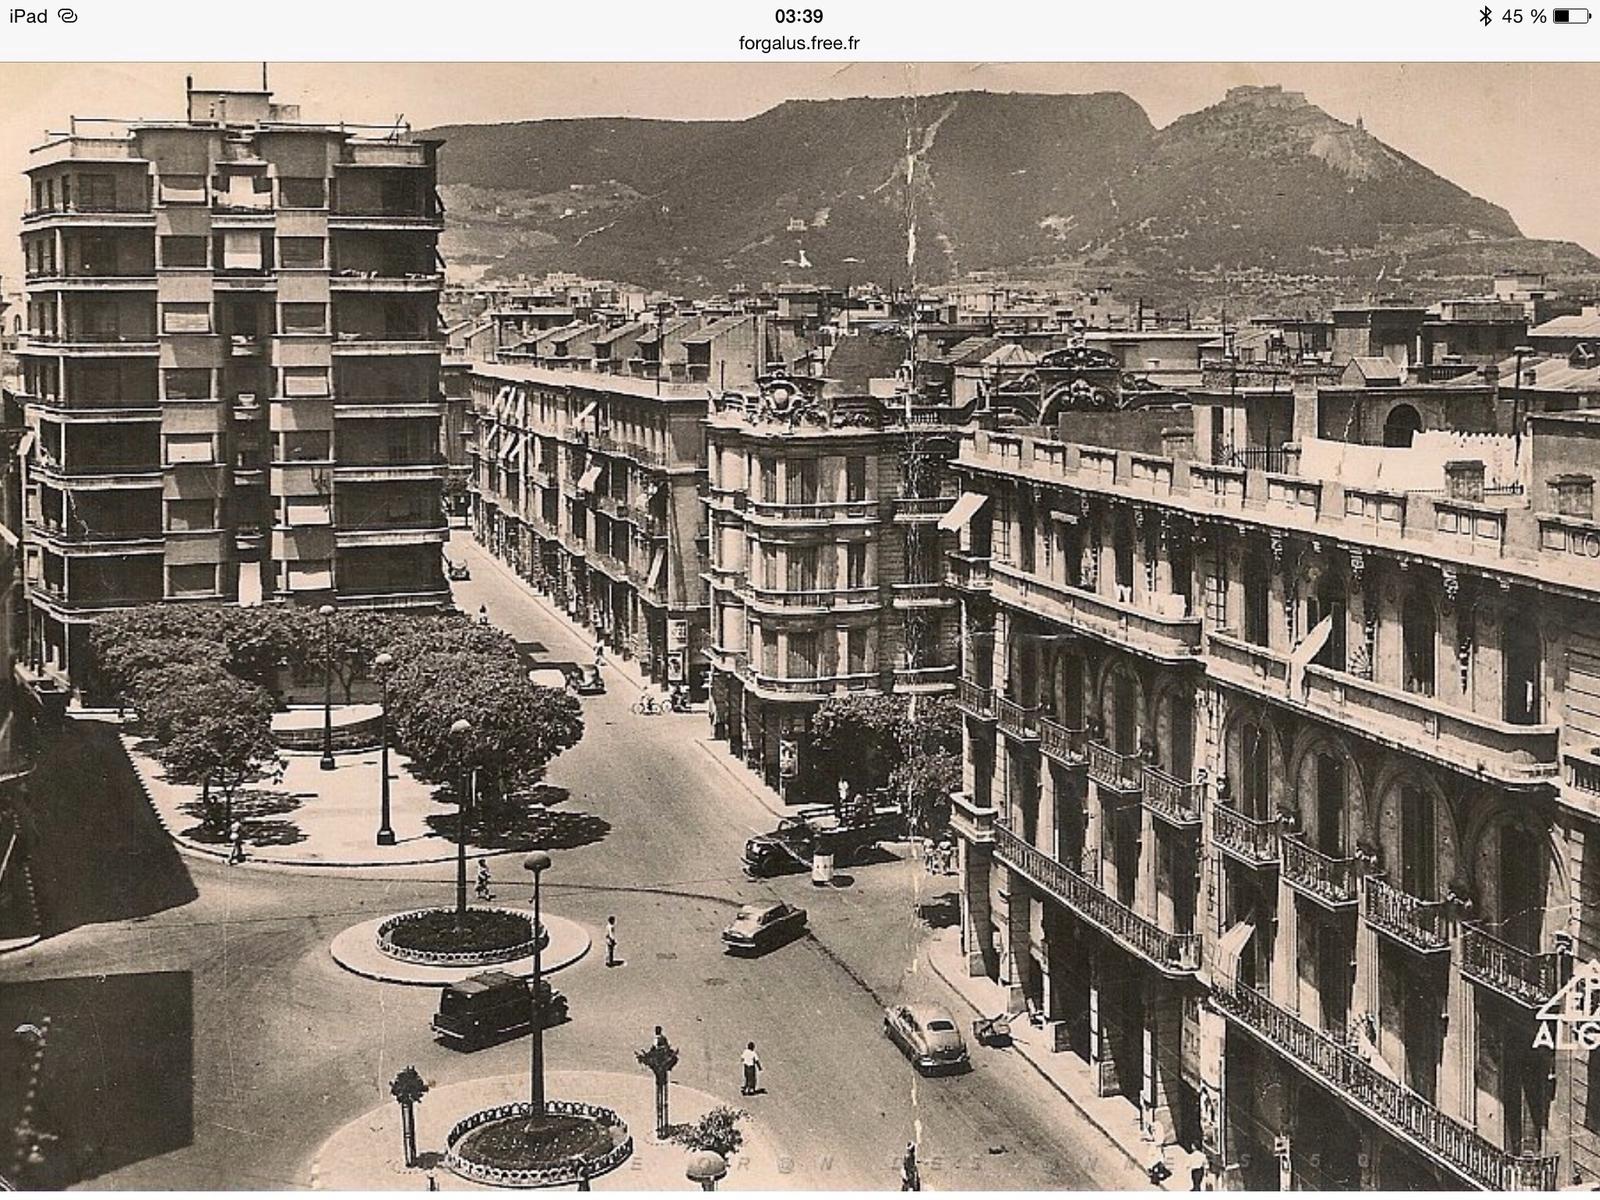 Non, je ne pardonnerai jamais à De Gaulle ; oui si l'Algérie était restée française ça aurait tout changé